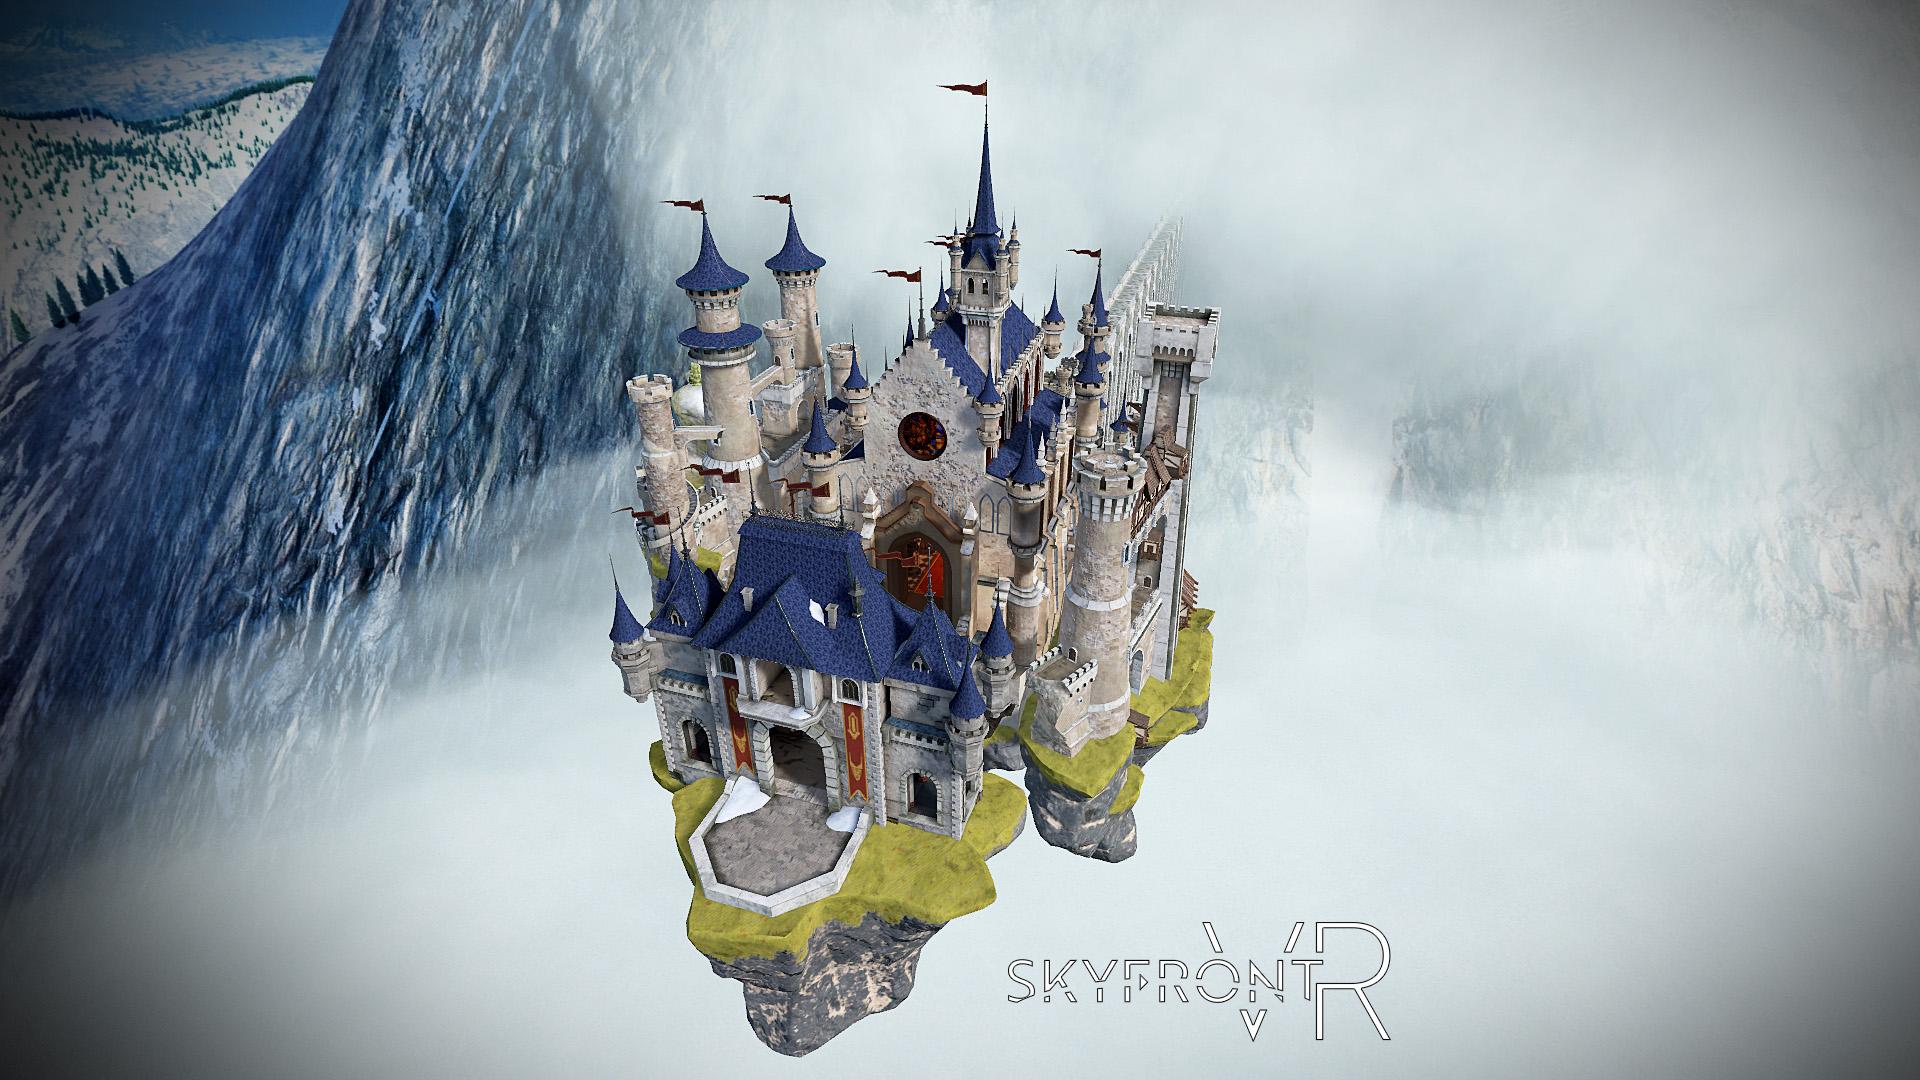 Skyfront VR - Medieval Level - Convent